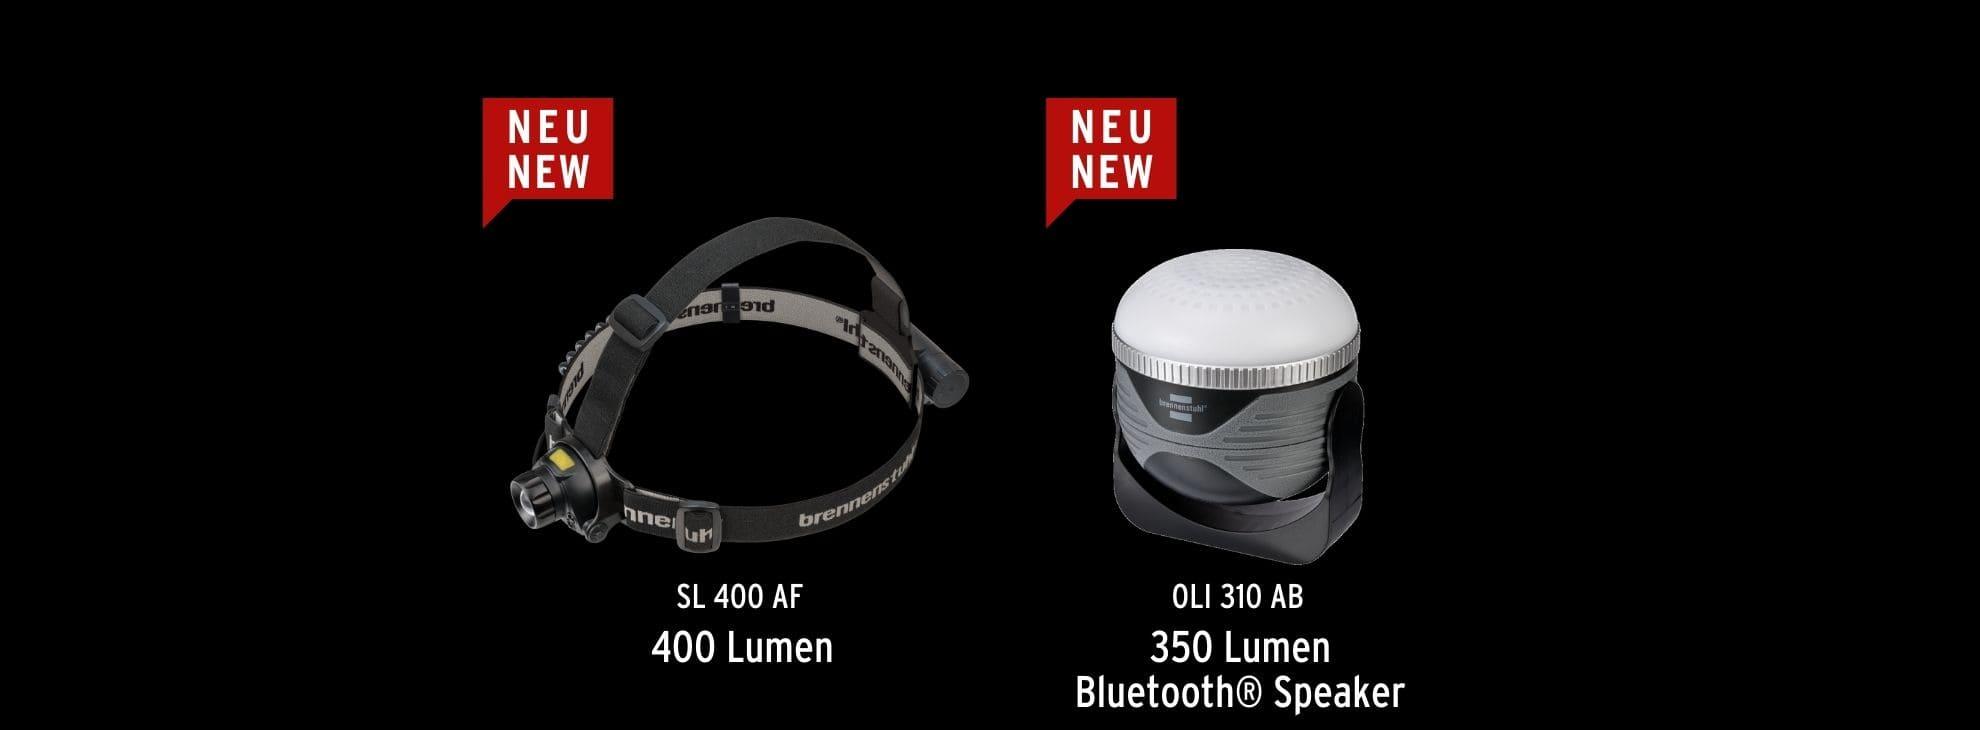 LED Arbeitslicht-Brennenstuhl LED Baustrahler-Handlampen-3-min